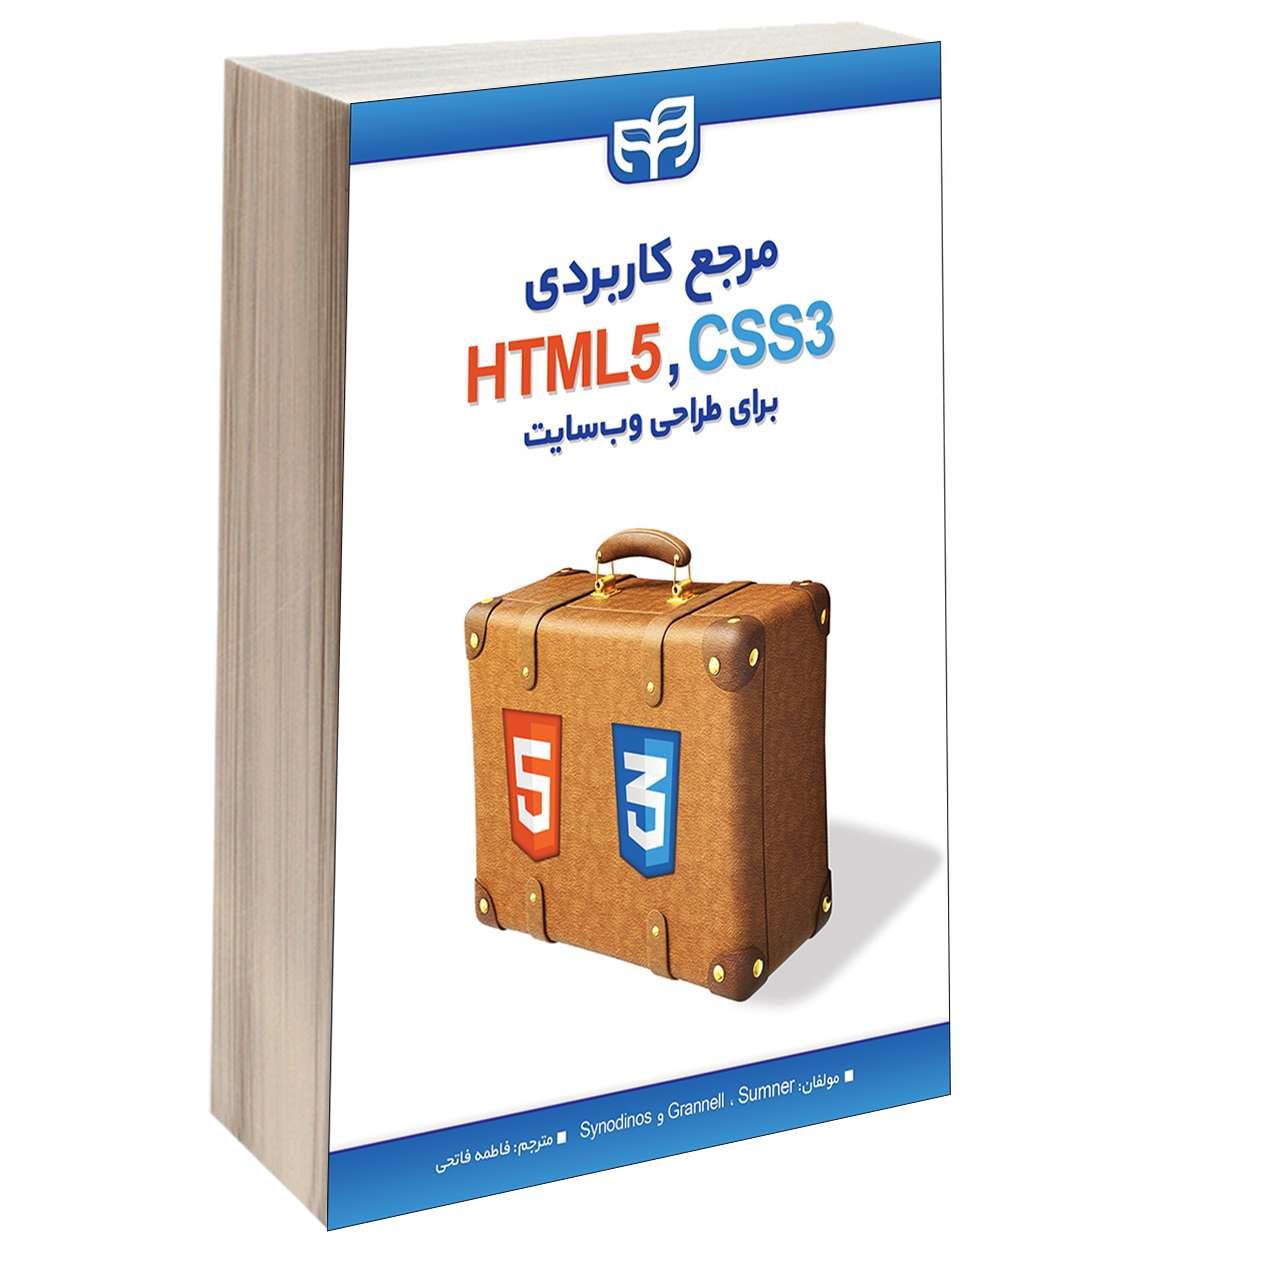 خرید                       کتاب مرجع کاربردی HTML5 و CSS3 برای طراحی وب سایت اثر جمعی از نویسندگان انتشارات دانشگاهی کیان